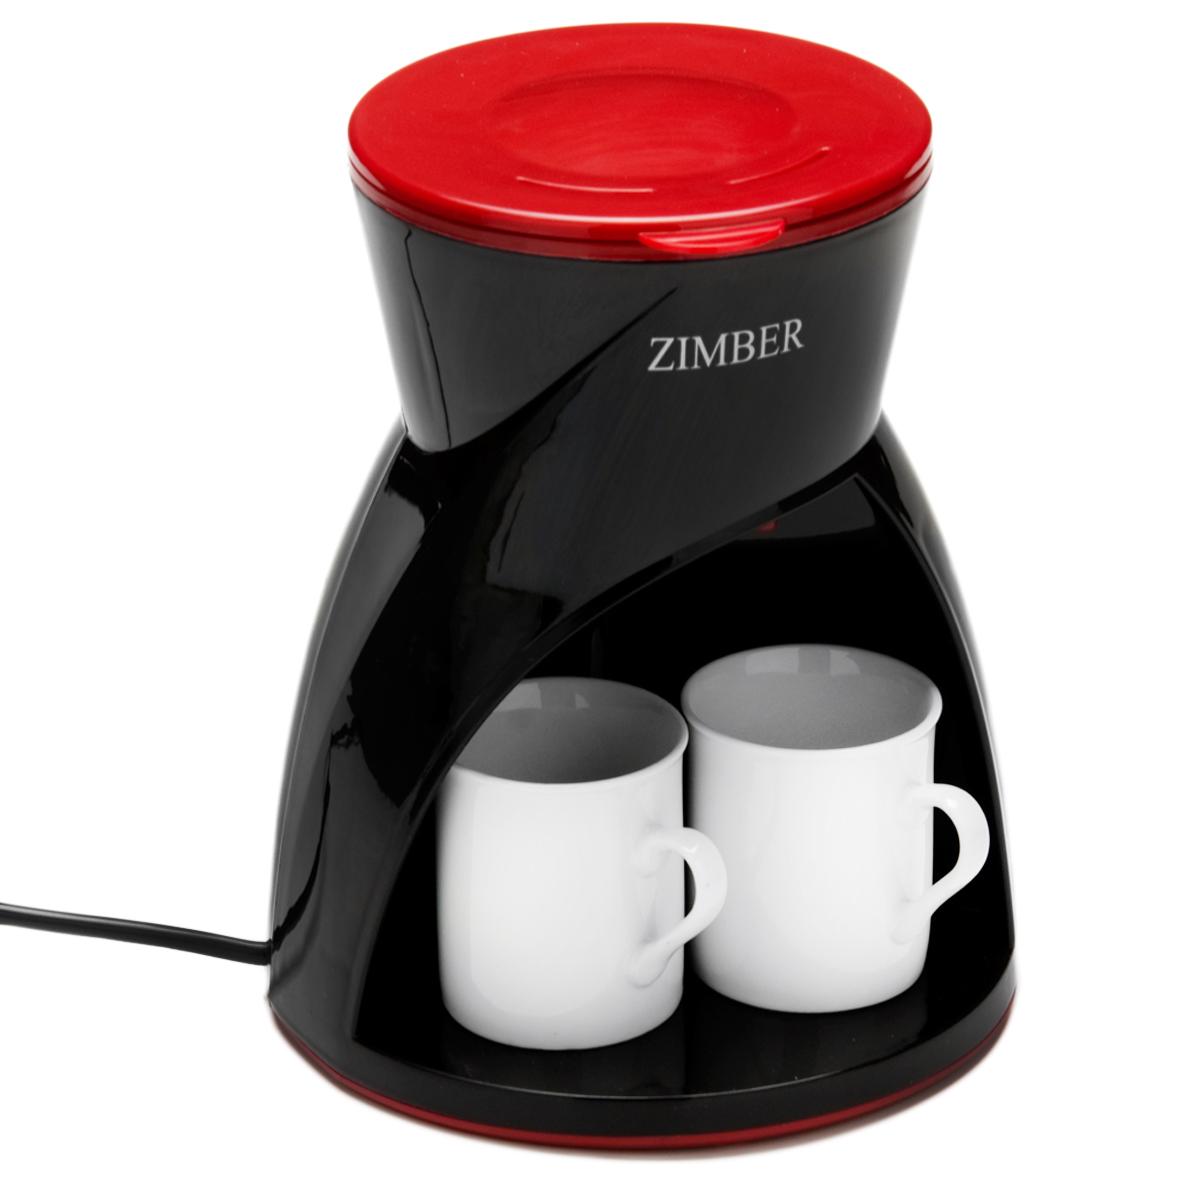 Zimber ZM-10982 кофеваркаZM-10982Кофеварка Zimber ZM-10982 представляет собой современный аппарат, сочетающий в себе компактность, функциональность и практичность. Модель мощностью 450 Вт позволяет приготовить 2 чашки вашего любимого напитка нажатием буквально одной кнопки. Кофе варится под высоким давлением в 15 бар, тем самым извлекается максимум вкуса и аромата из кофейных зерен.Кофеварка изготовлена из высококачественного полипропилена, устойчивого к высоким температурам и влажности. Оснащена индикатором включения/выключения и индикатором уровня воды. Специальные режимы позволяют вам регулировать температуру напитка и его крепость. В комплекте поставляются 2 керамические кружки по 150 мл.Благодаря стильному дизайну Zimber ZM-10982 впишется в любую современную кухню.